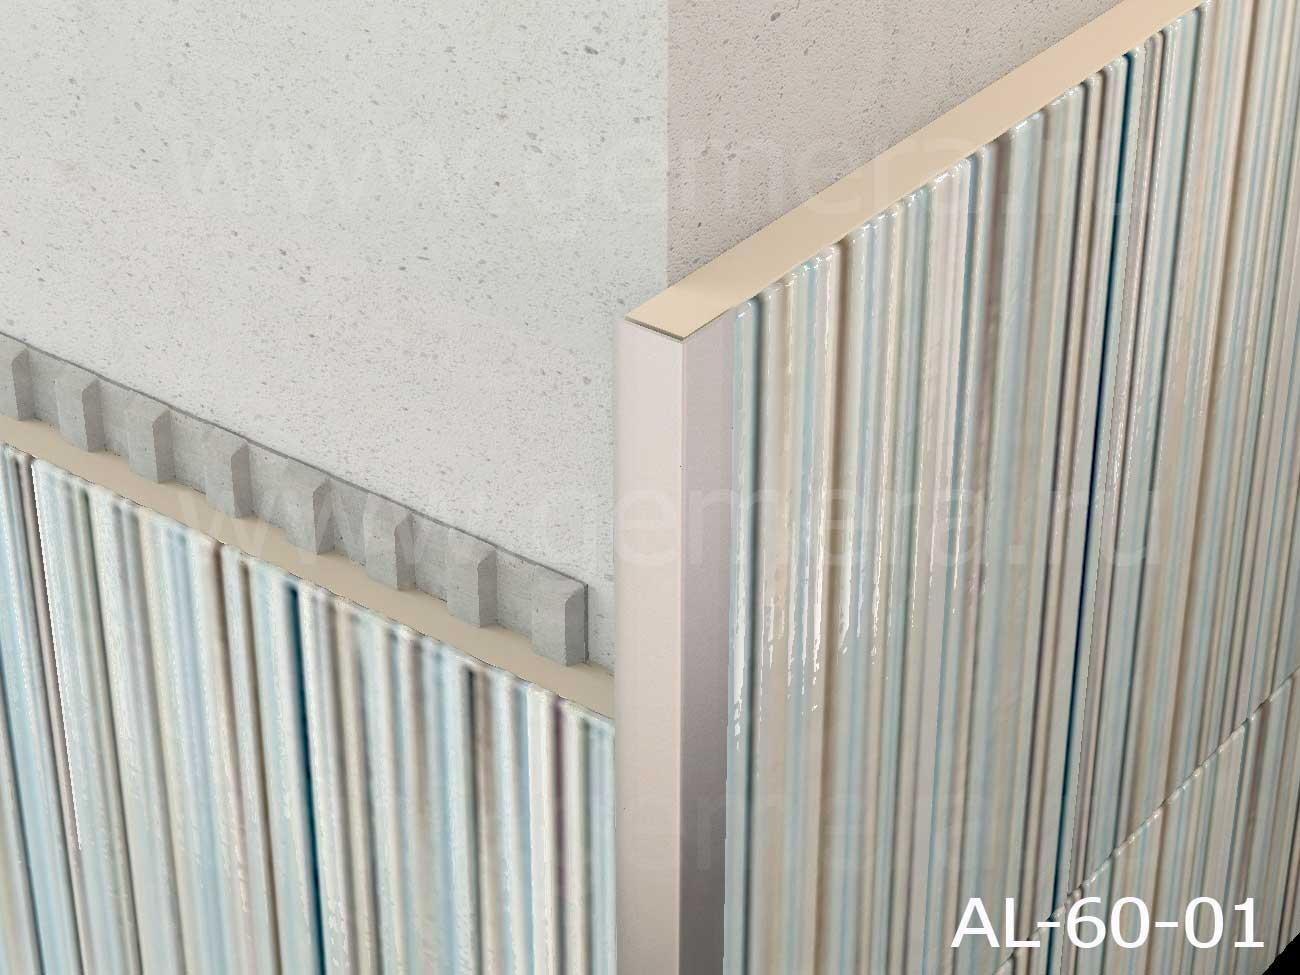 Уголок алюминиевый защитный Butun AL-60-01